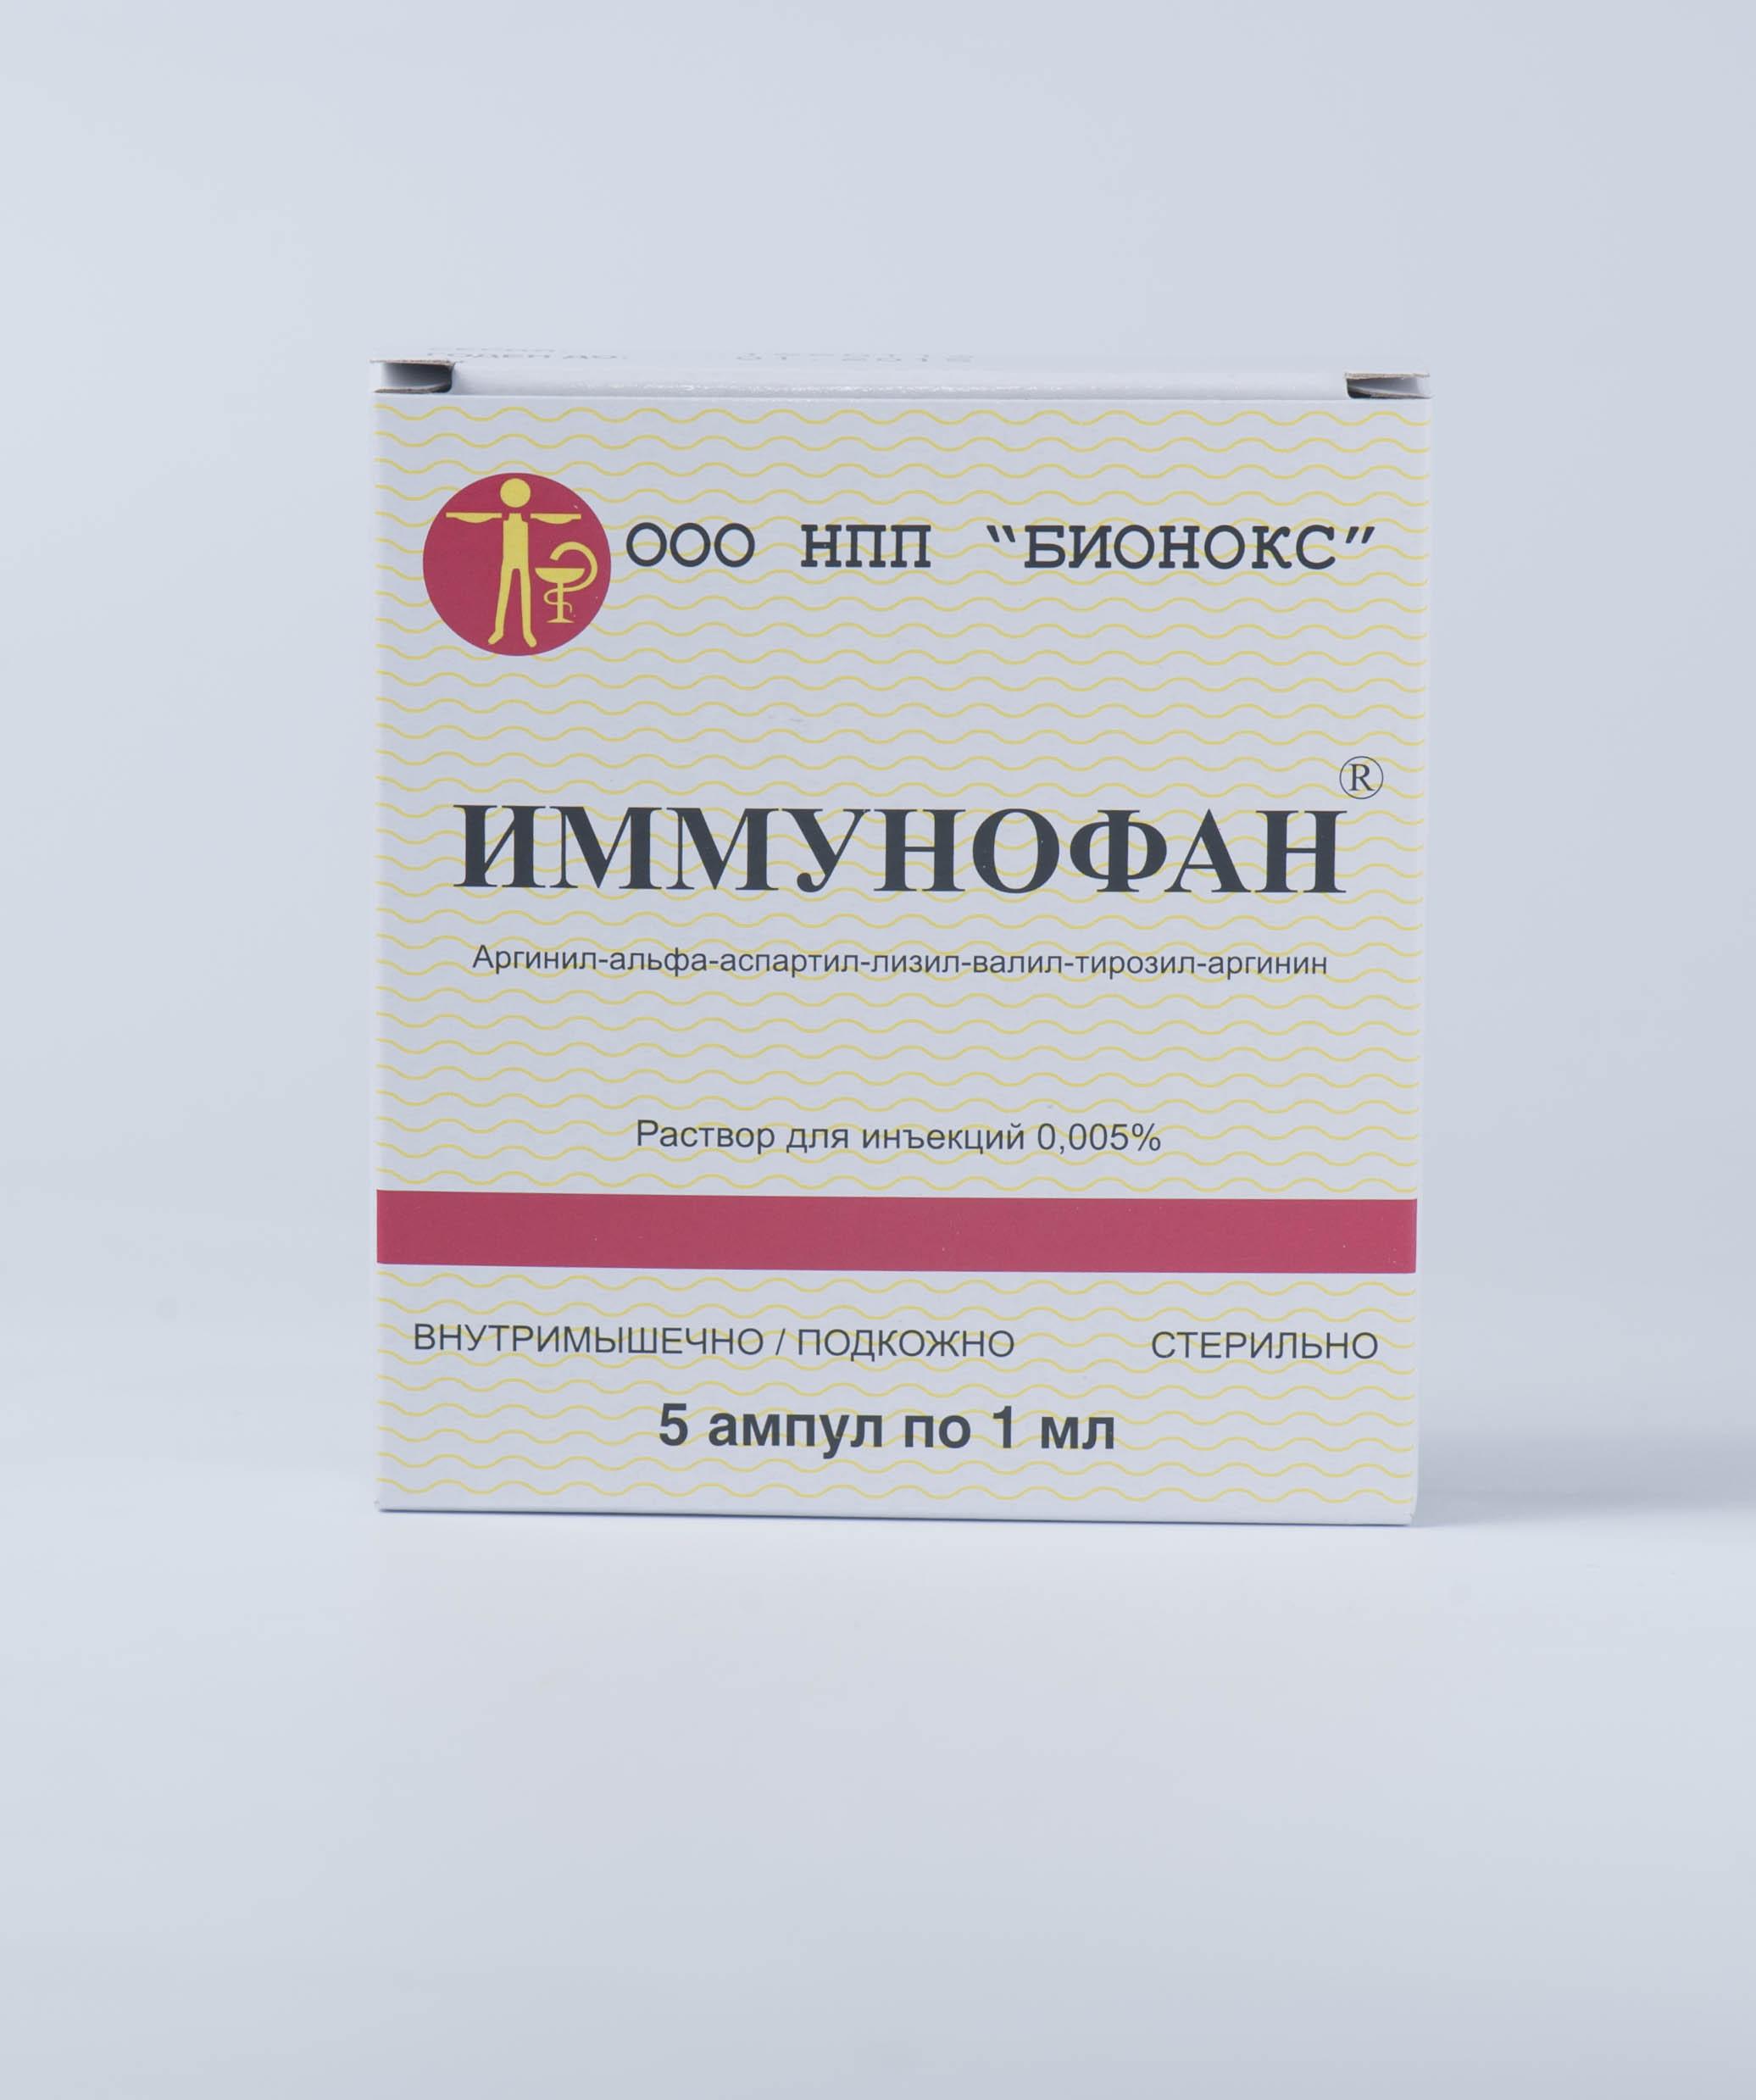 имунофан инструкция собакам